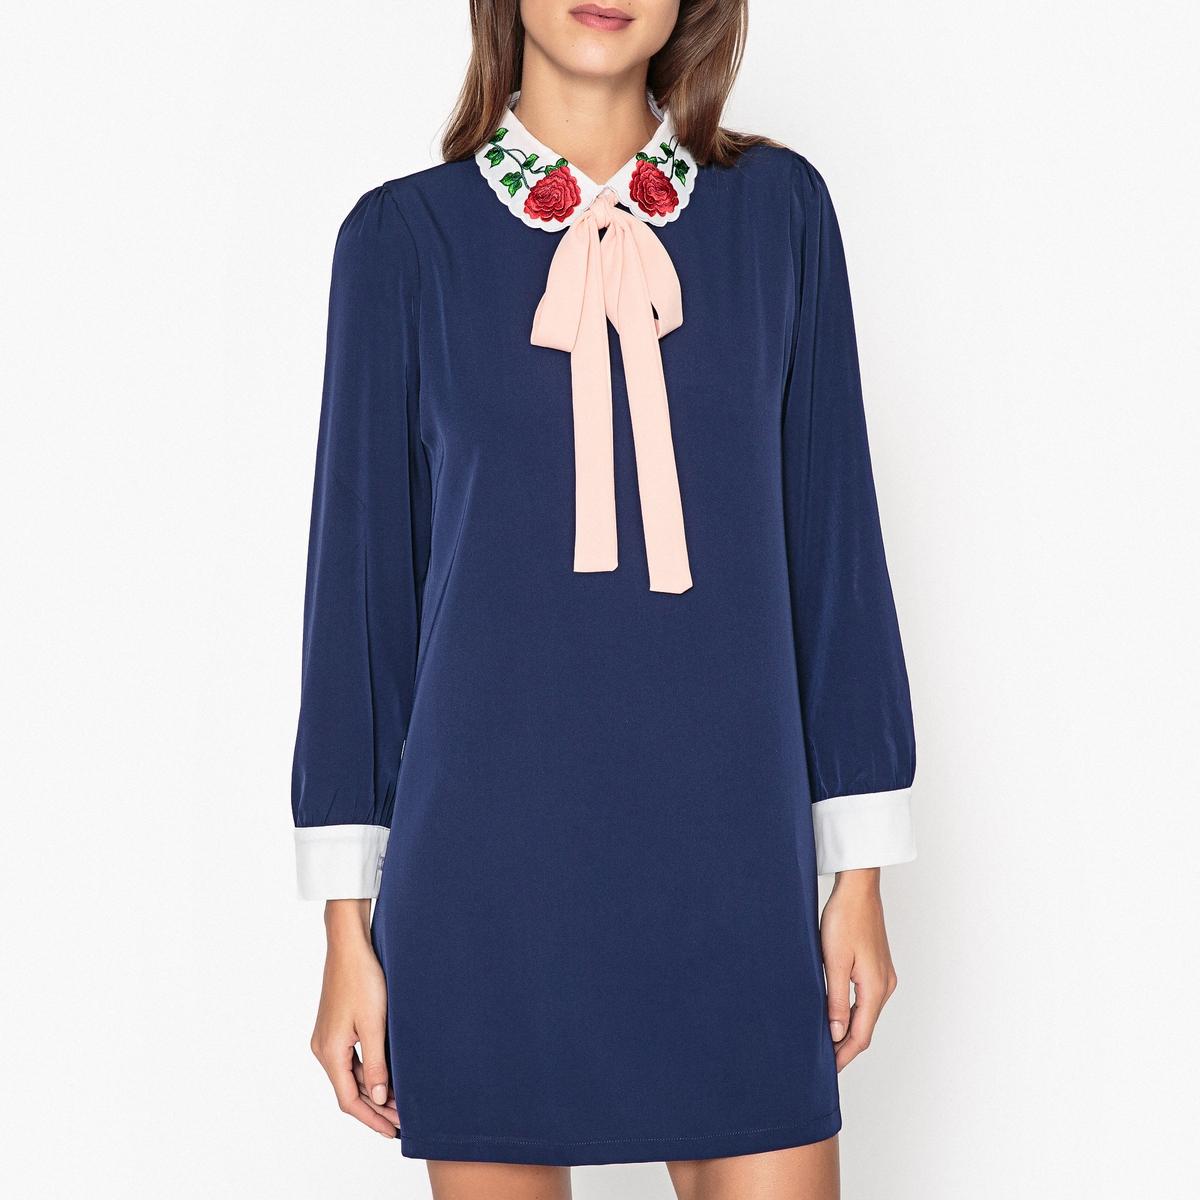 Платье с галстуком-бантомПлатье SISTER JANE с отложным воротником, с однотонным контрастным галстуком-бантом.Детали   •  Форма : прямая  •  Укороченная модель •  Длинные рукава     •  Галстук-бантСостав и уход  •  3% эластана, 97% полиэстера   •  Подкладка  : 5% эластана, 95% полиэстера •  Следуйте советам по уходу, указанным на этикетке   •  Манжеты контрастные на пуговицах • Застежка на золотистую молнию сзади •  Длина  : 84 см. для размера S<br><br>Цвет: темно-синий